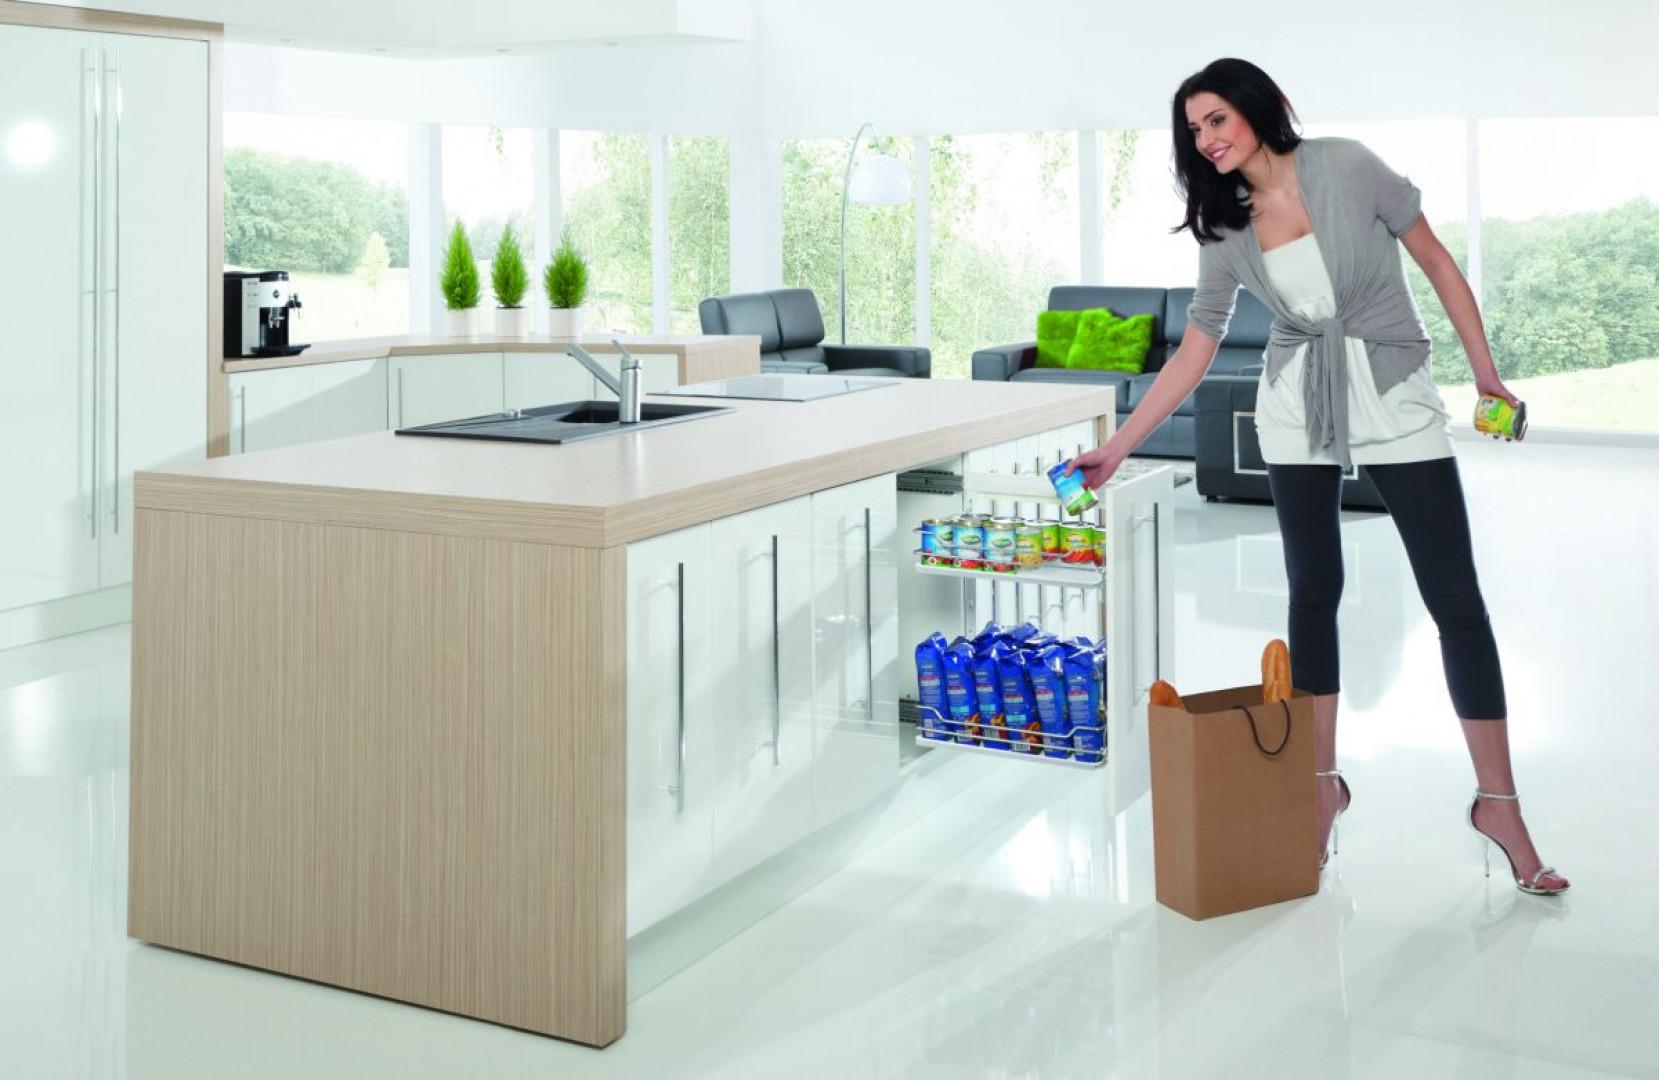 Systemy wysuwne – takie jak cargo, szuflady czy kornery pozwolą maksymalnie wykorzystać powierzchnię szafek. Fot. Rejs